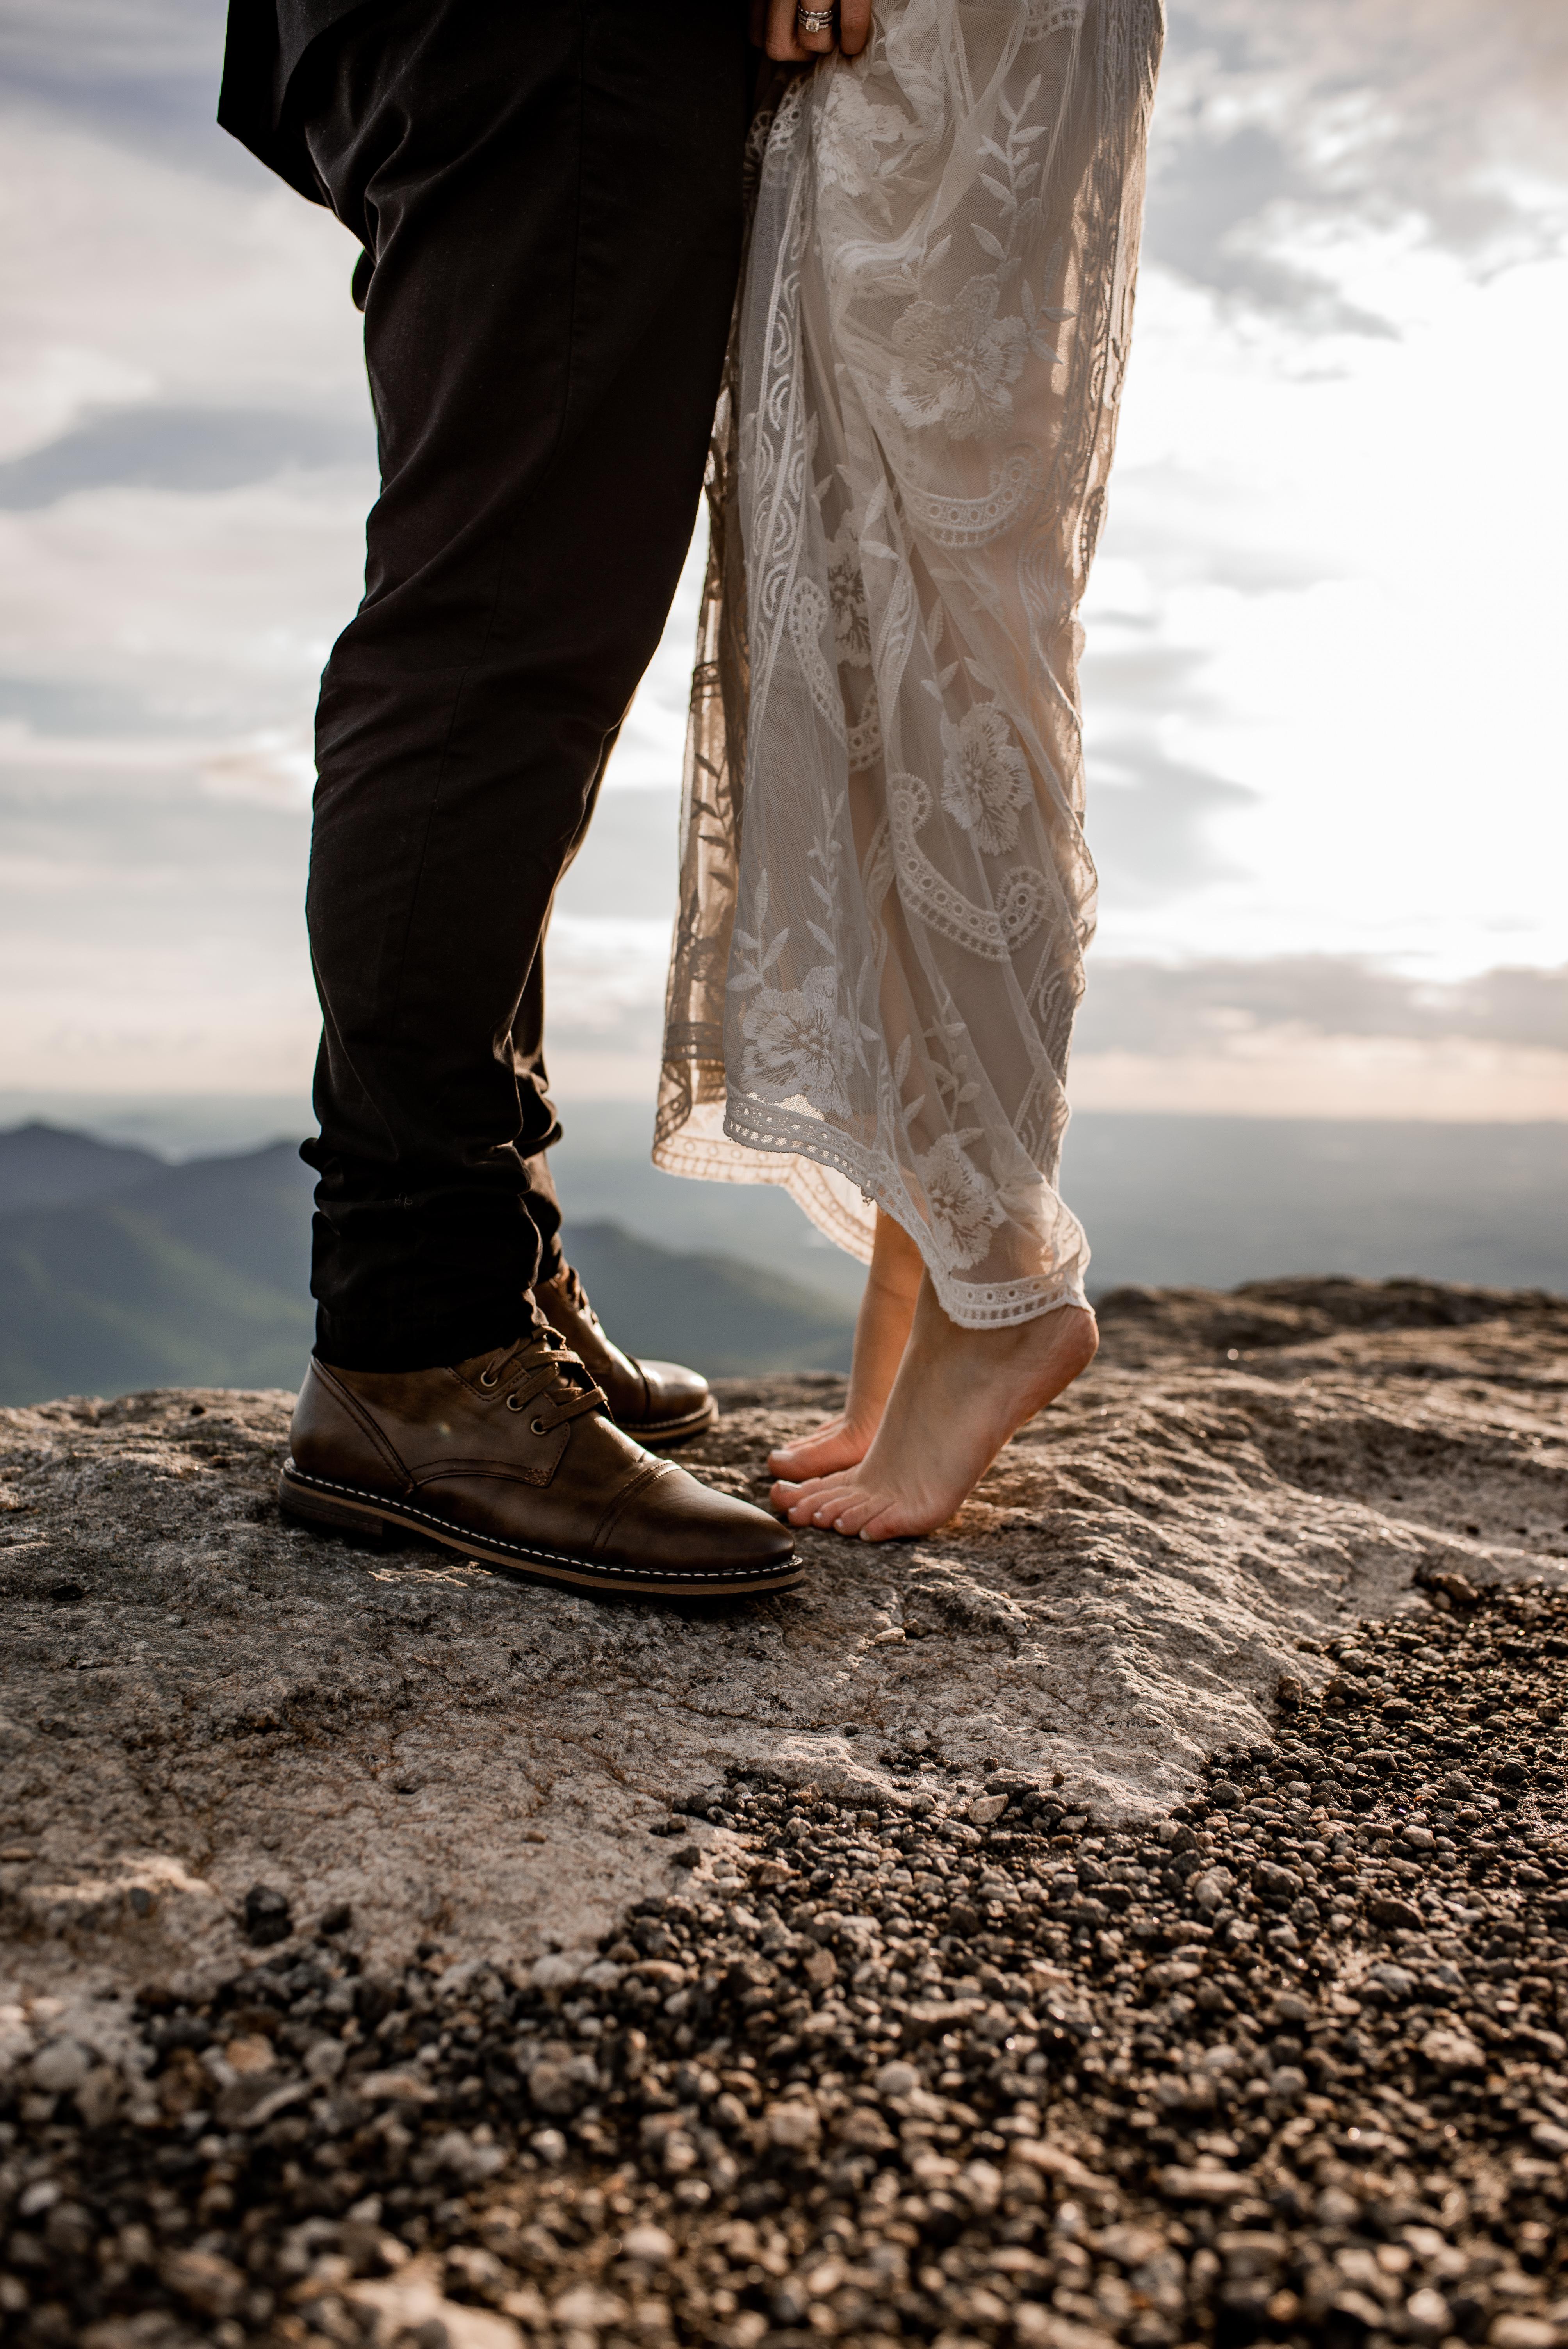 Adirondacks elopement photos on Whiteface Mountain